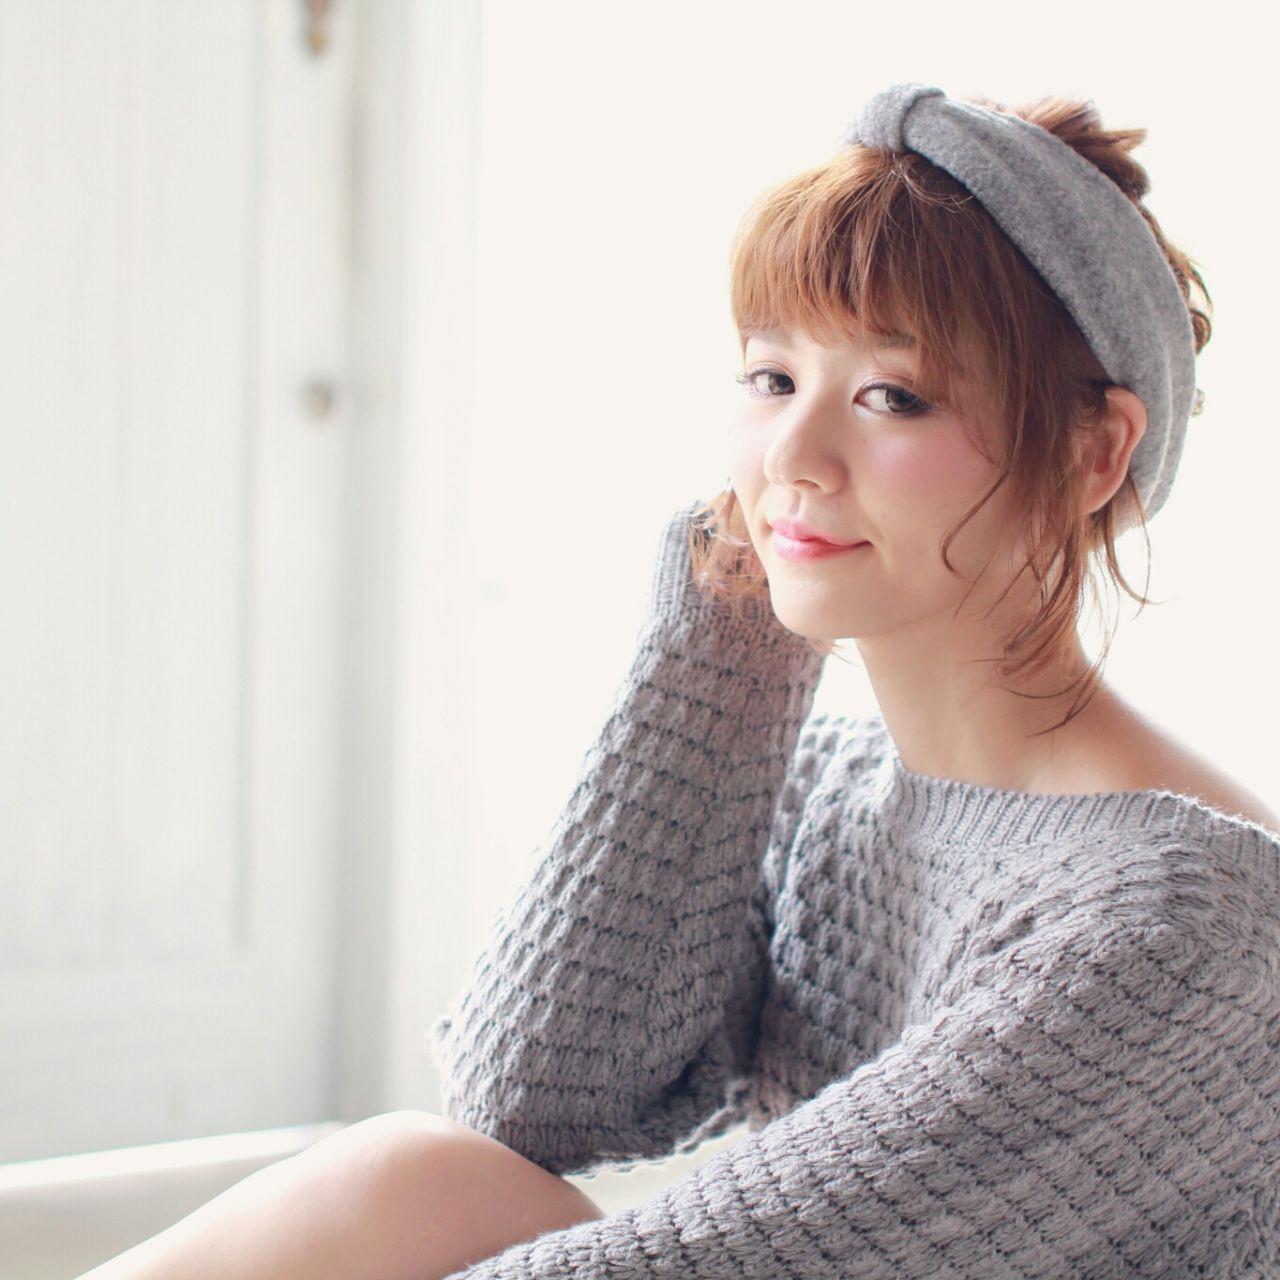 ターバンでかわいくカバーができちゃうアレンジ♪ 志賀 雅千子 | hair+resort bouquet